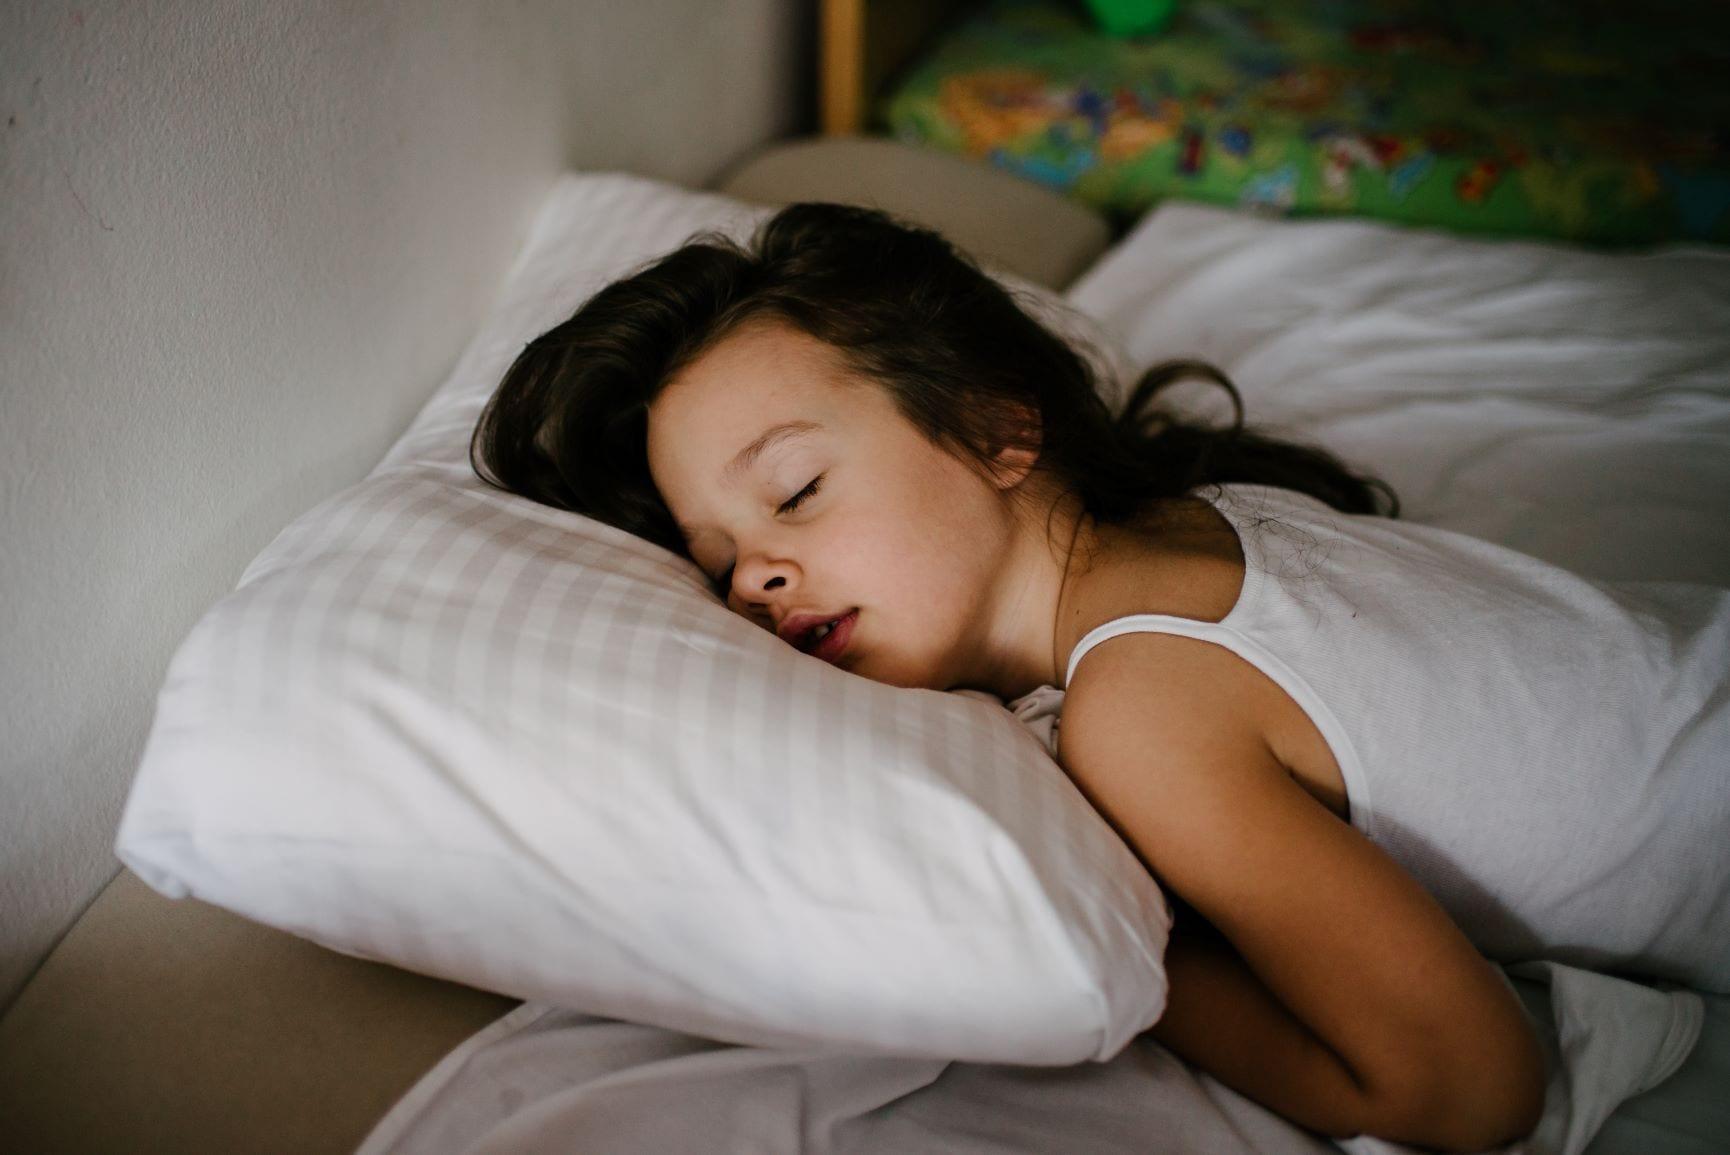 dormir a sesta crianças